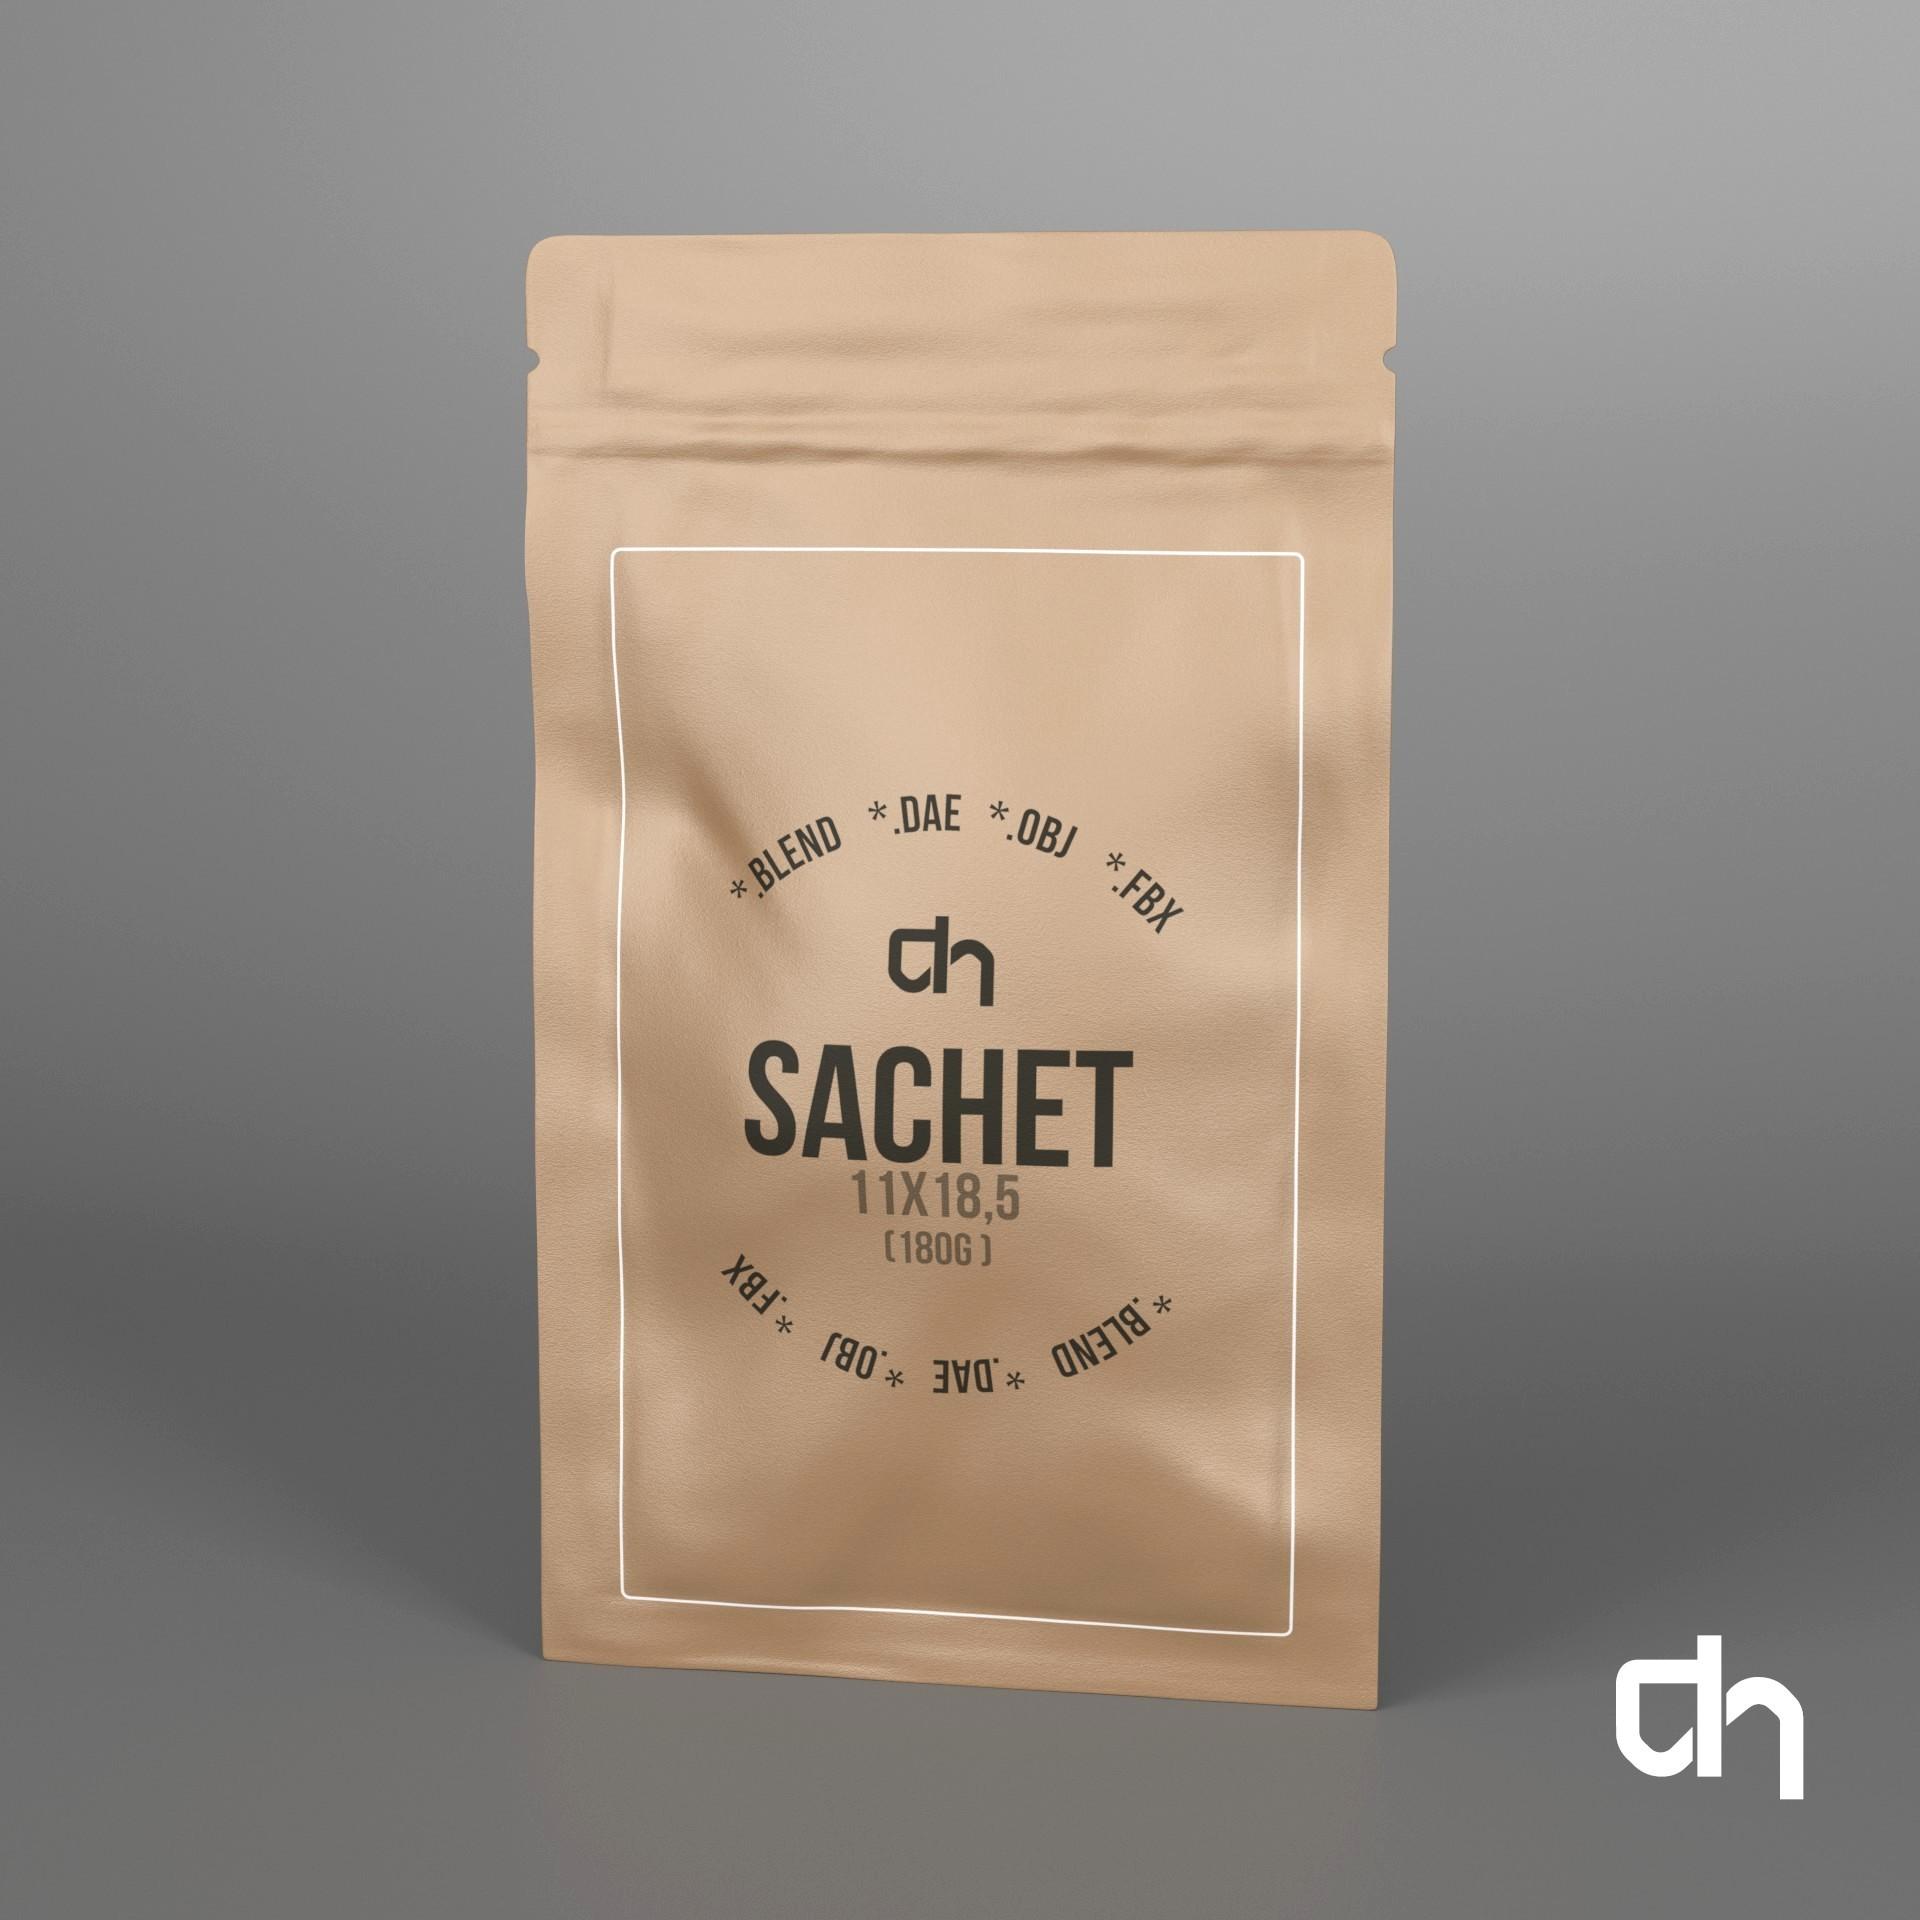 sachet-11x18,5-1.jpg